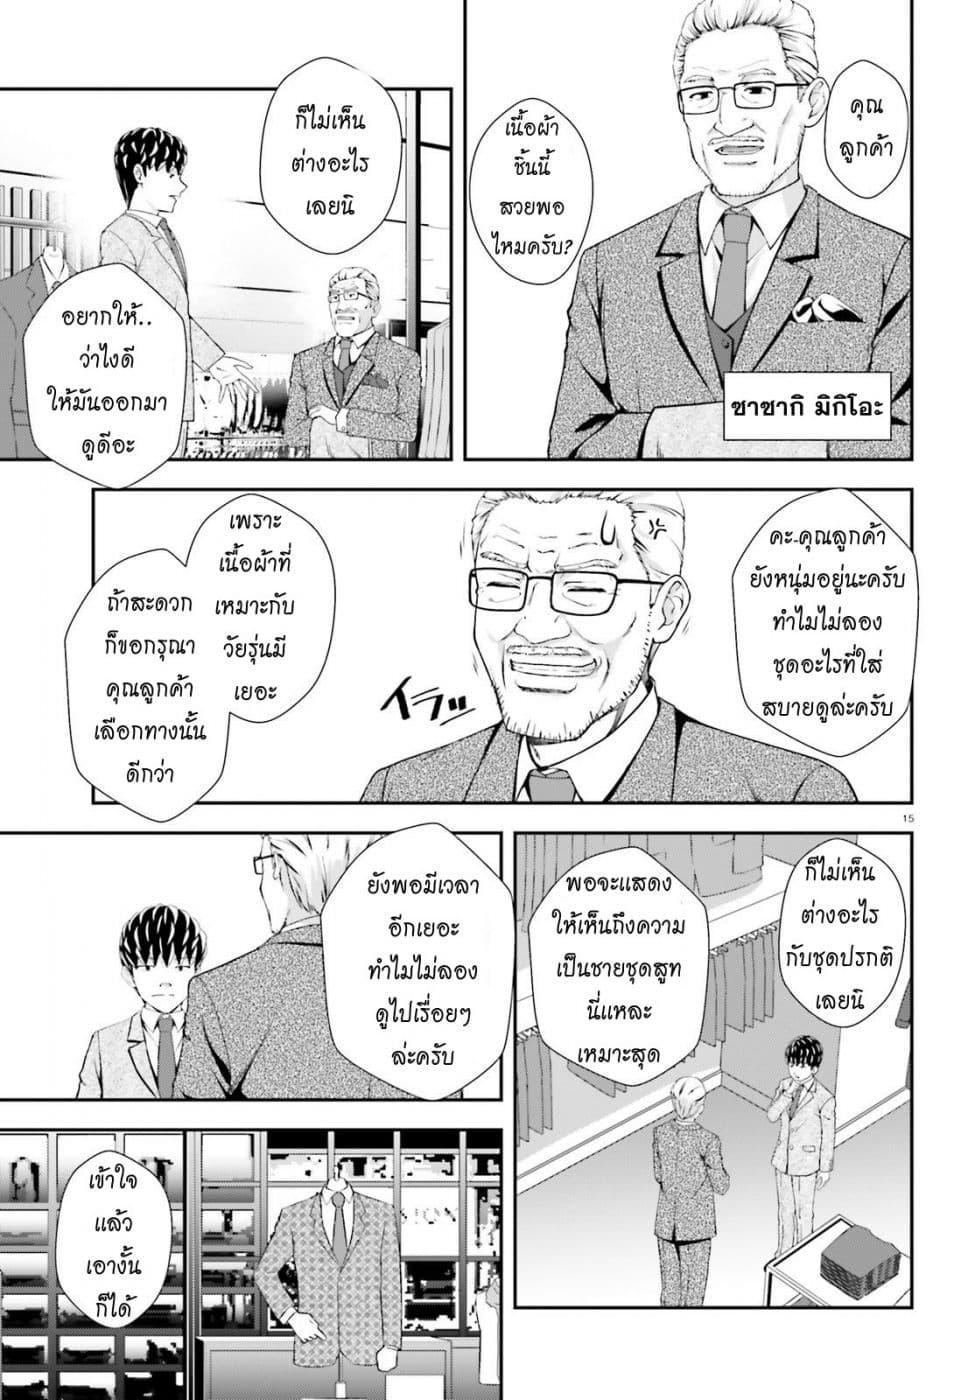 อ่านการ์ตูน Nishino Gakunai Caste Saikai Ni Shite Ino Sekai Saikyo No Shonen ตอนที่ 6 หน้าที่ 12